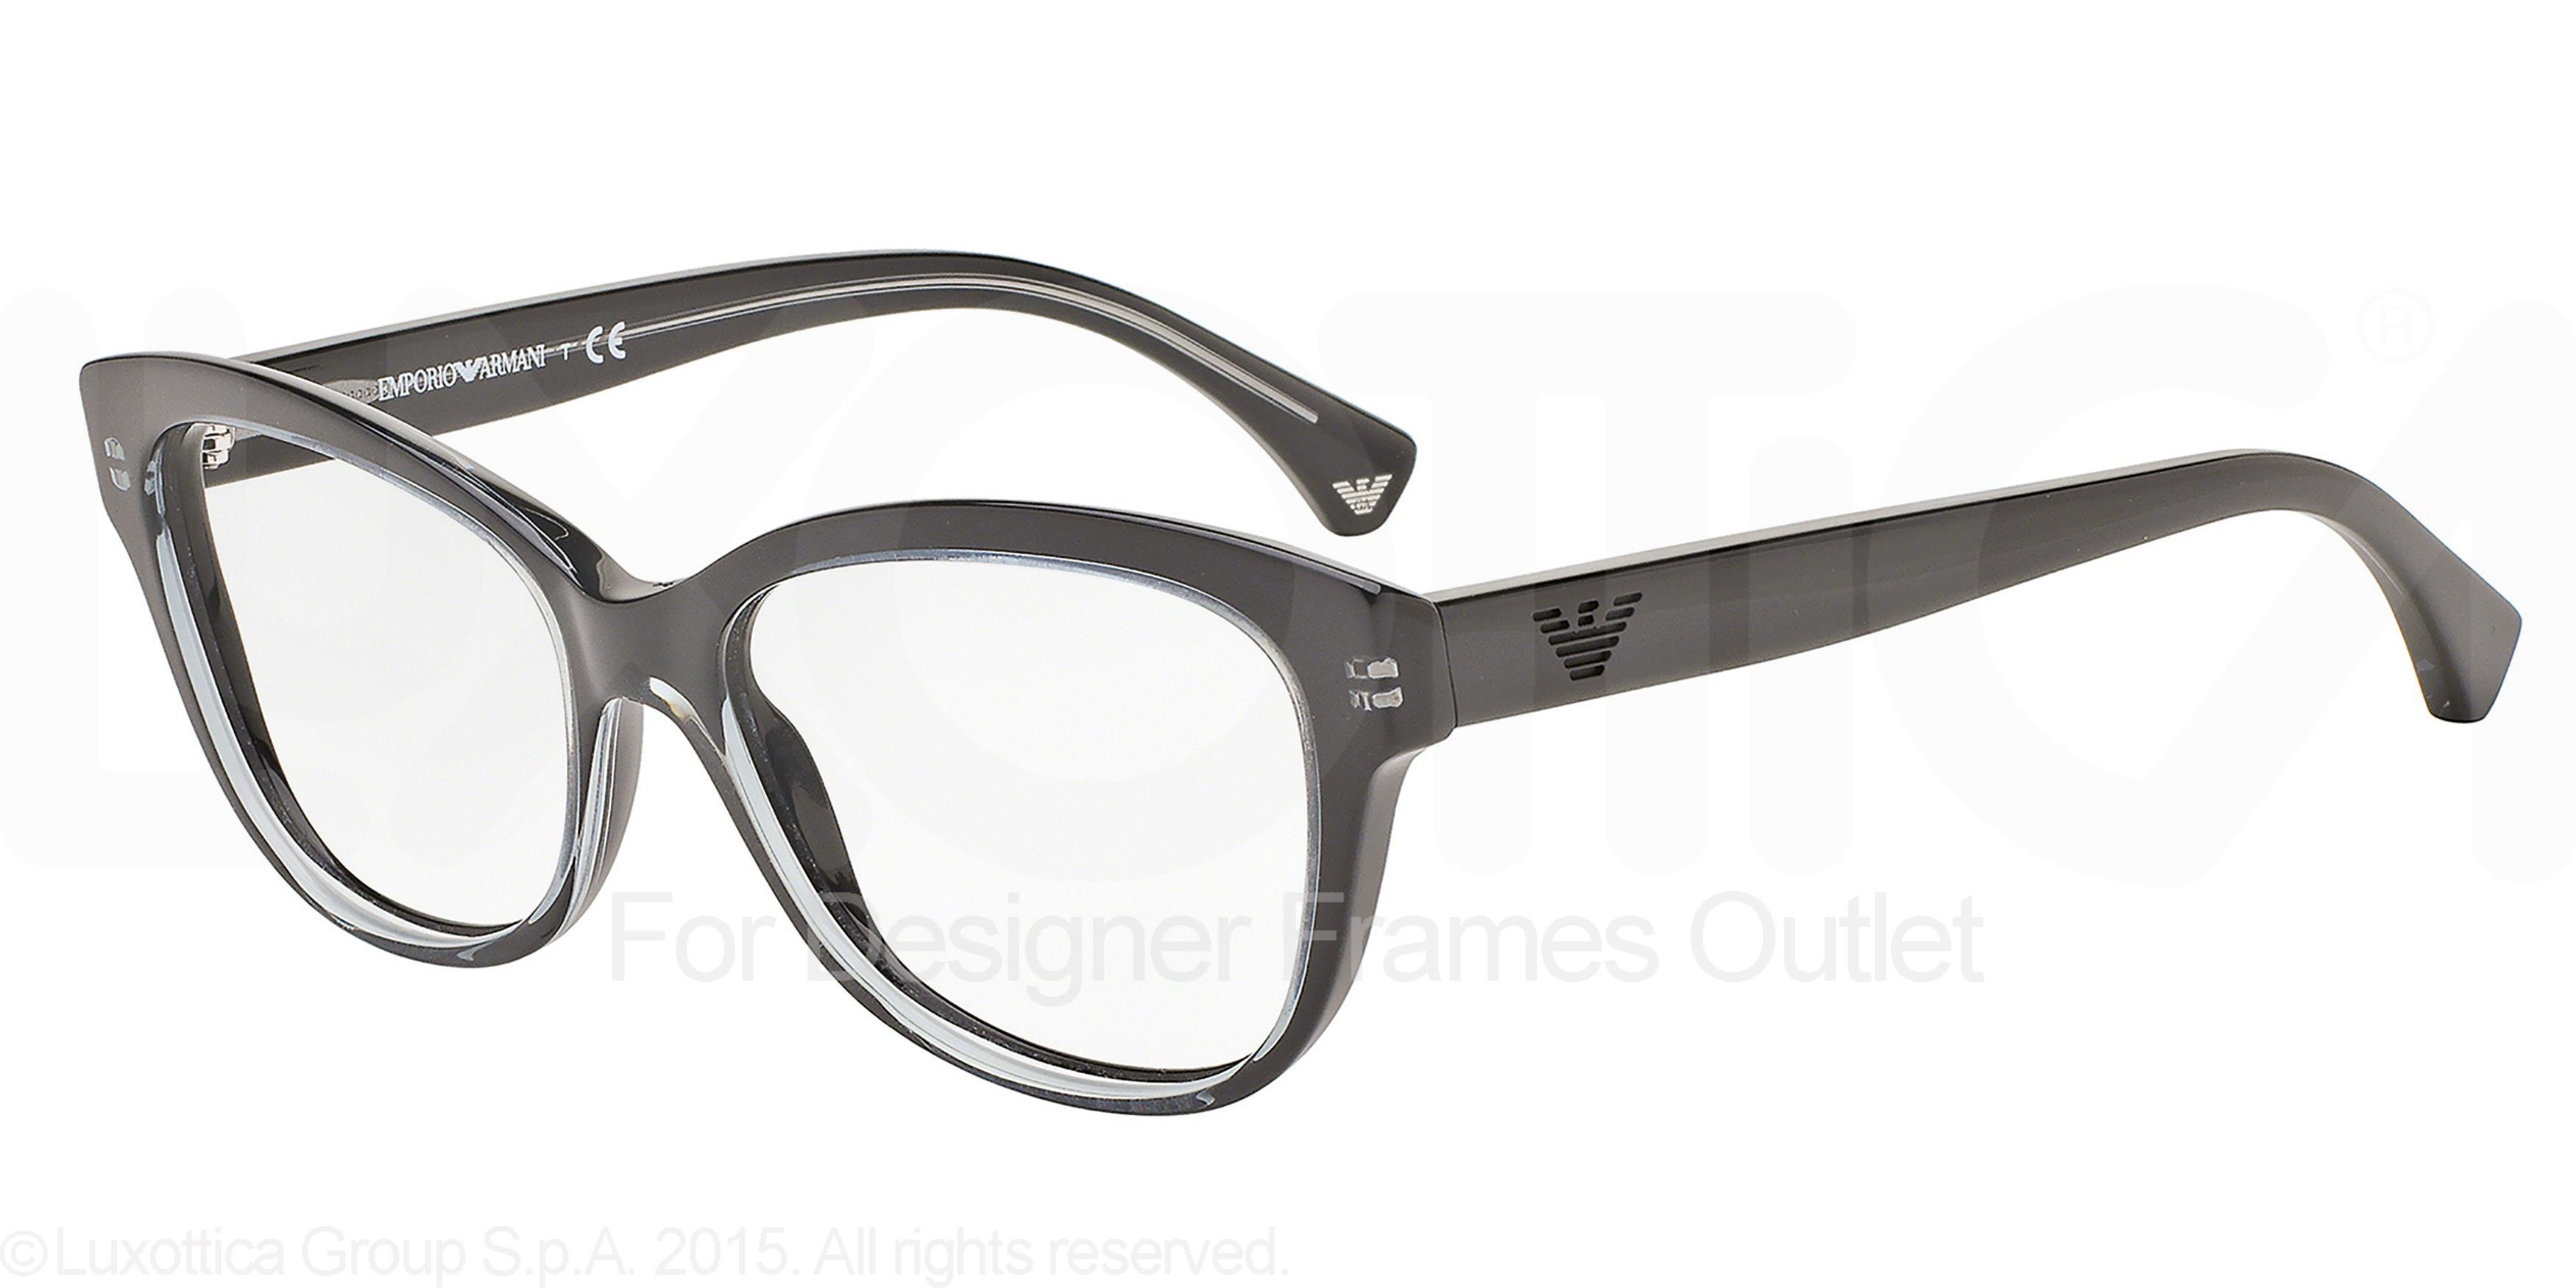 bd3a0eeaa38 Designer Frames Outlet. Emporio Armani EA3033